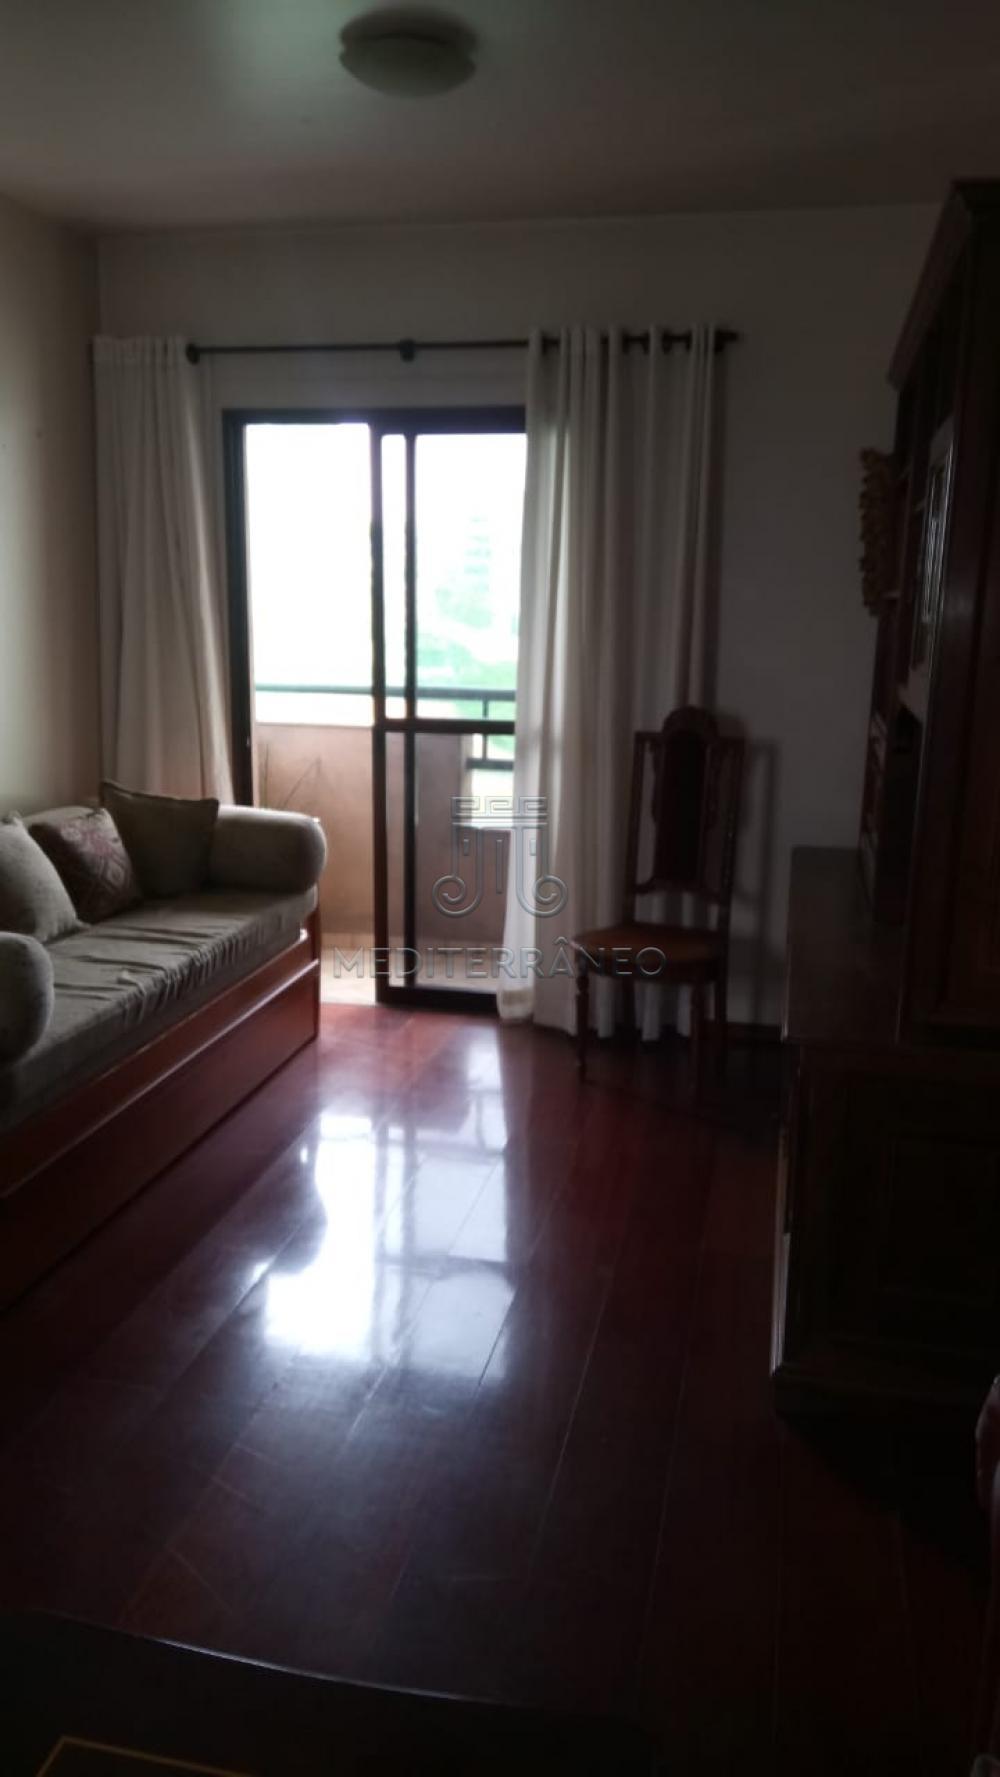 Comprar Apartamento / Padrão em Jundiaí apenas R$ 375.000,00 - Foto 11